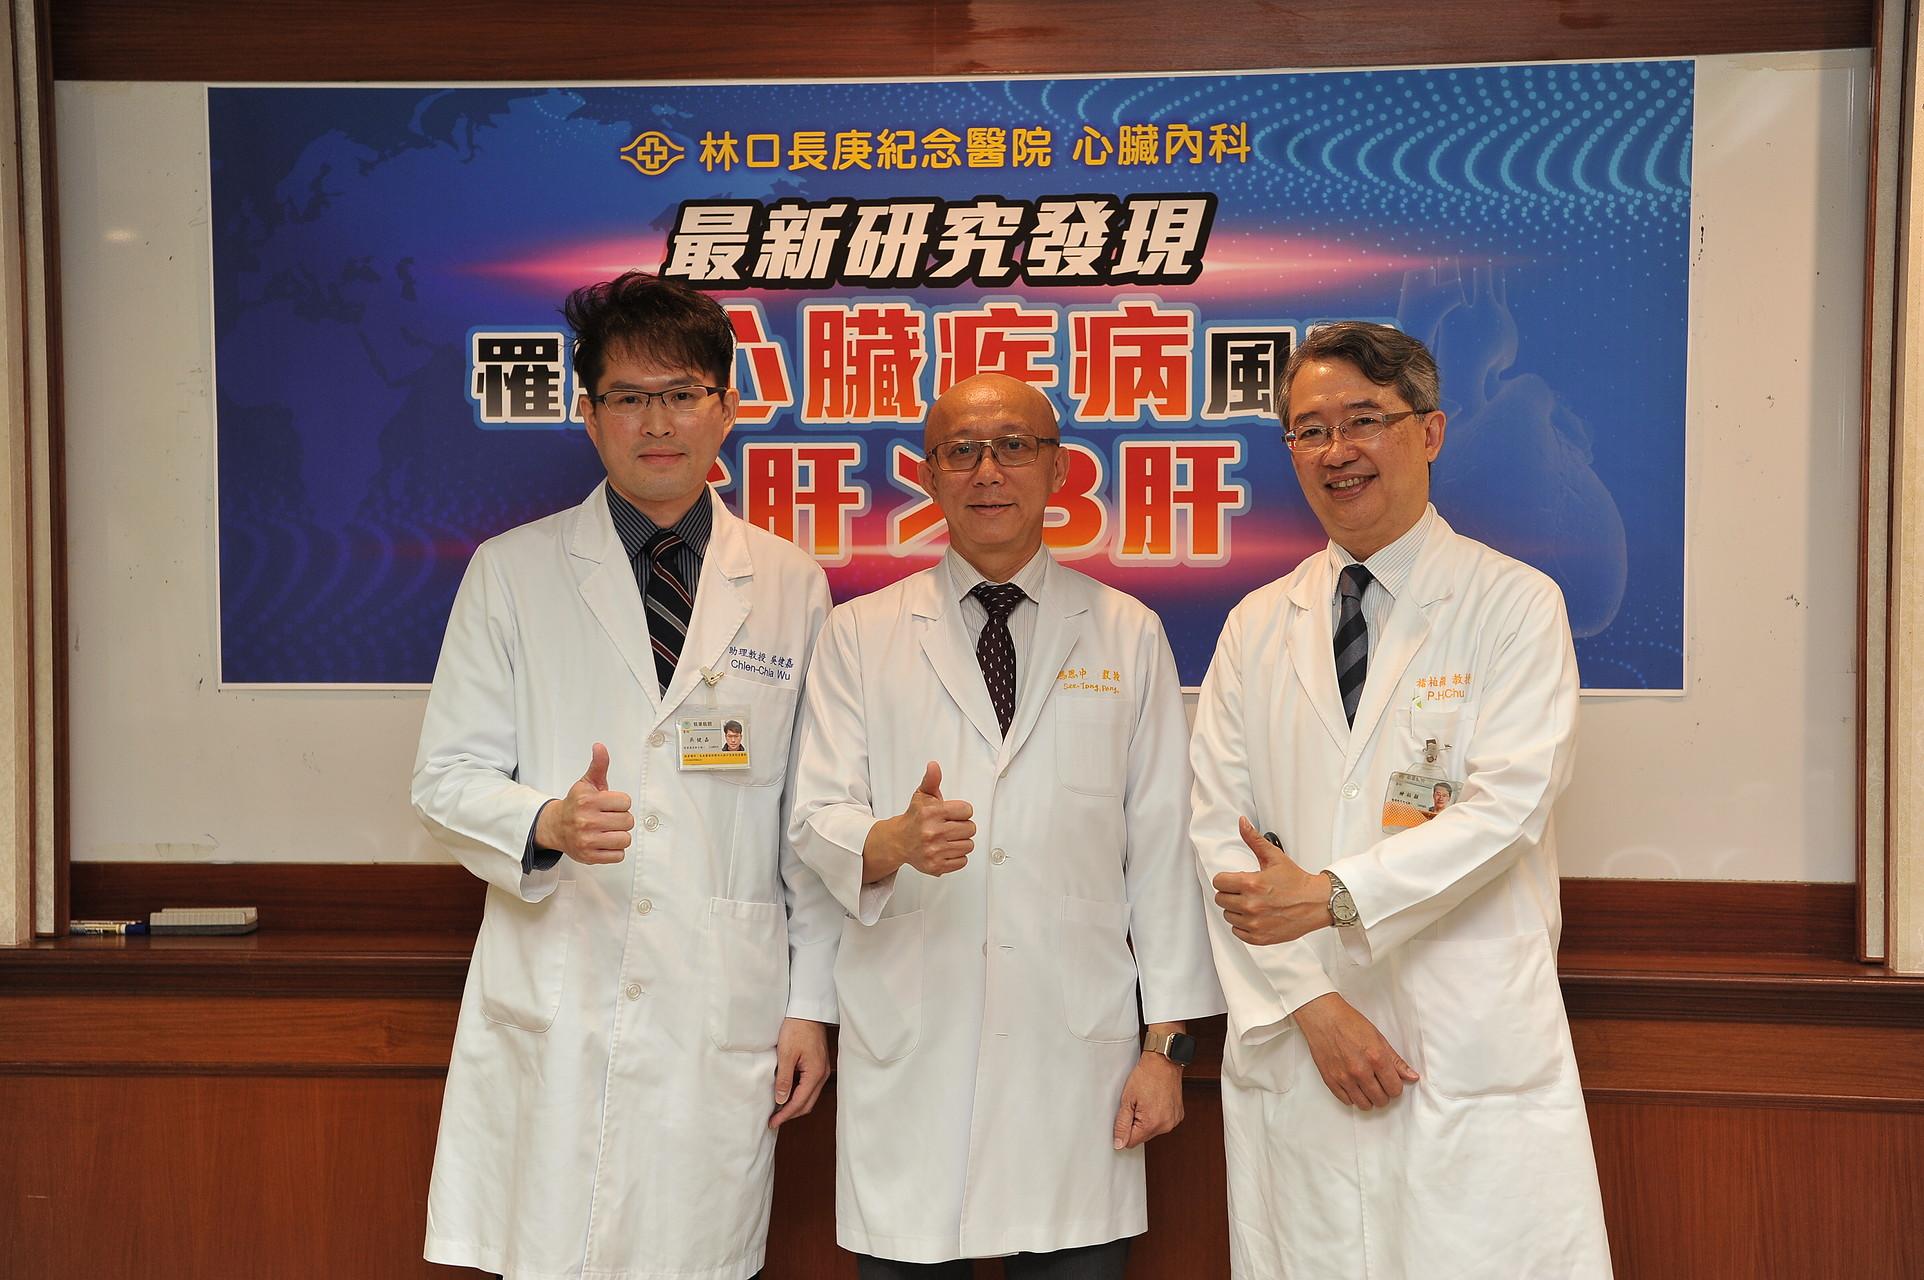 最新研究發現 罹患心臟疾病風險C肝>B肝